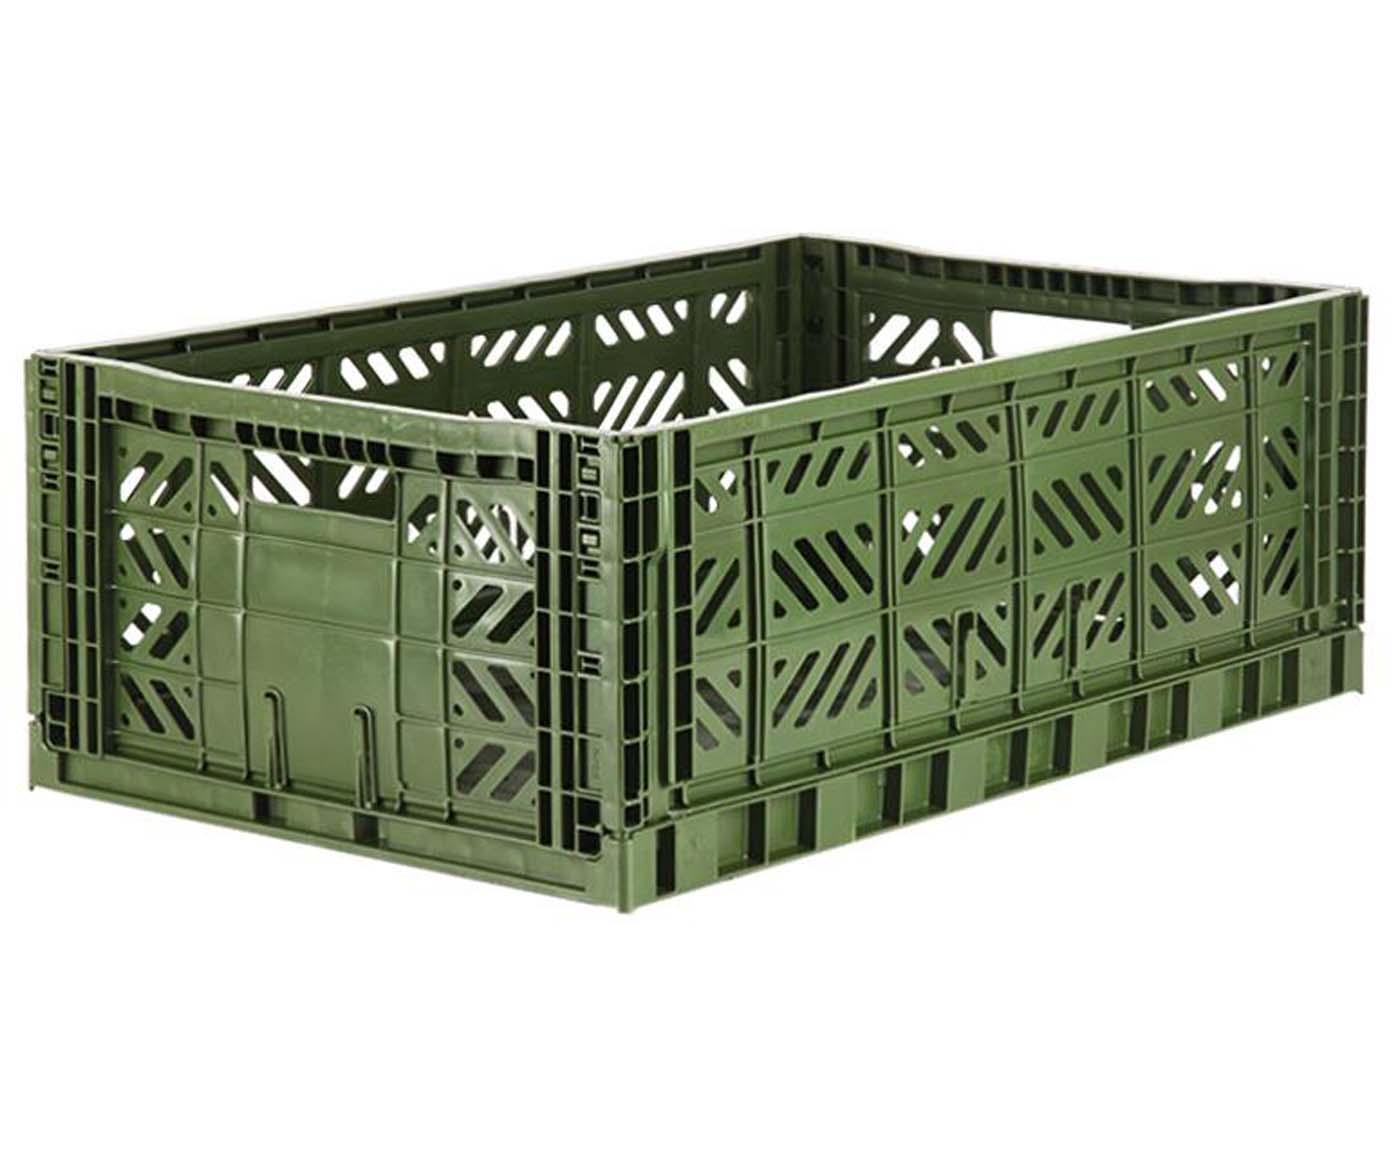 Kosz do przechowywania Khaki, składany, duży, Tworzywo sztuczne z recyklingu, Khaki, S 60 x W 22 cm